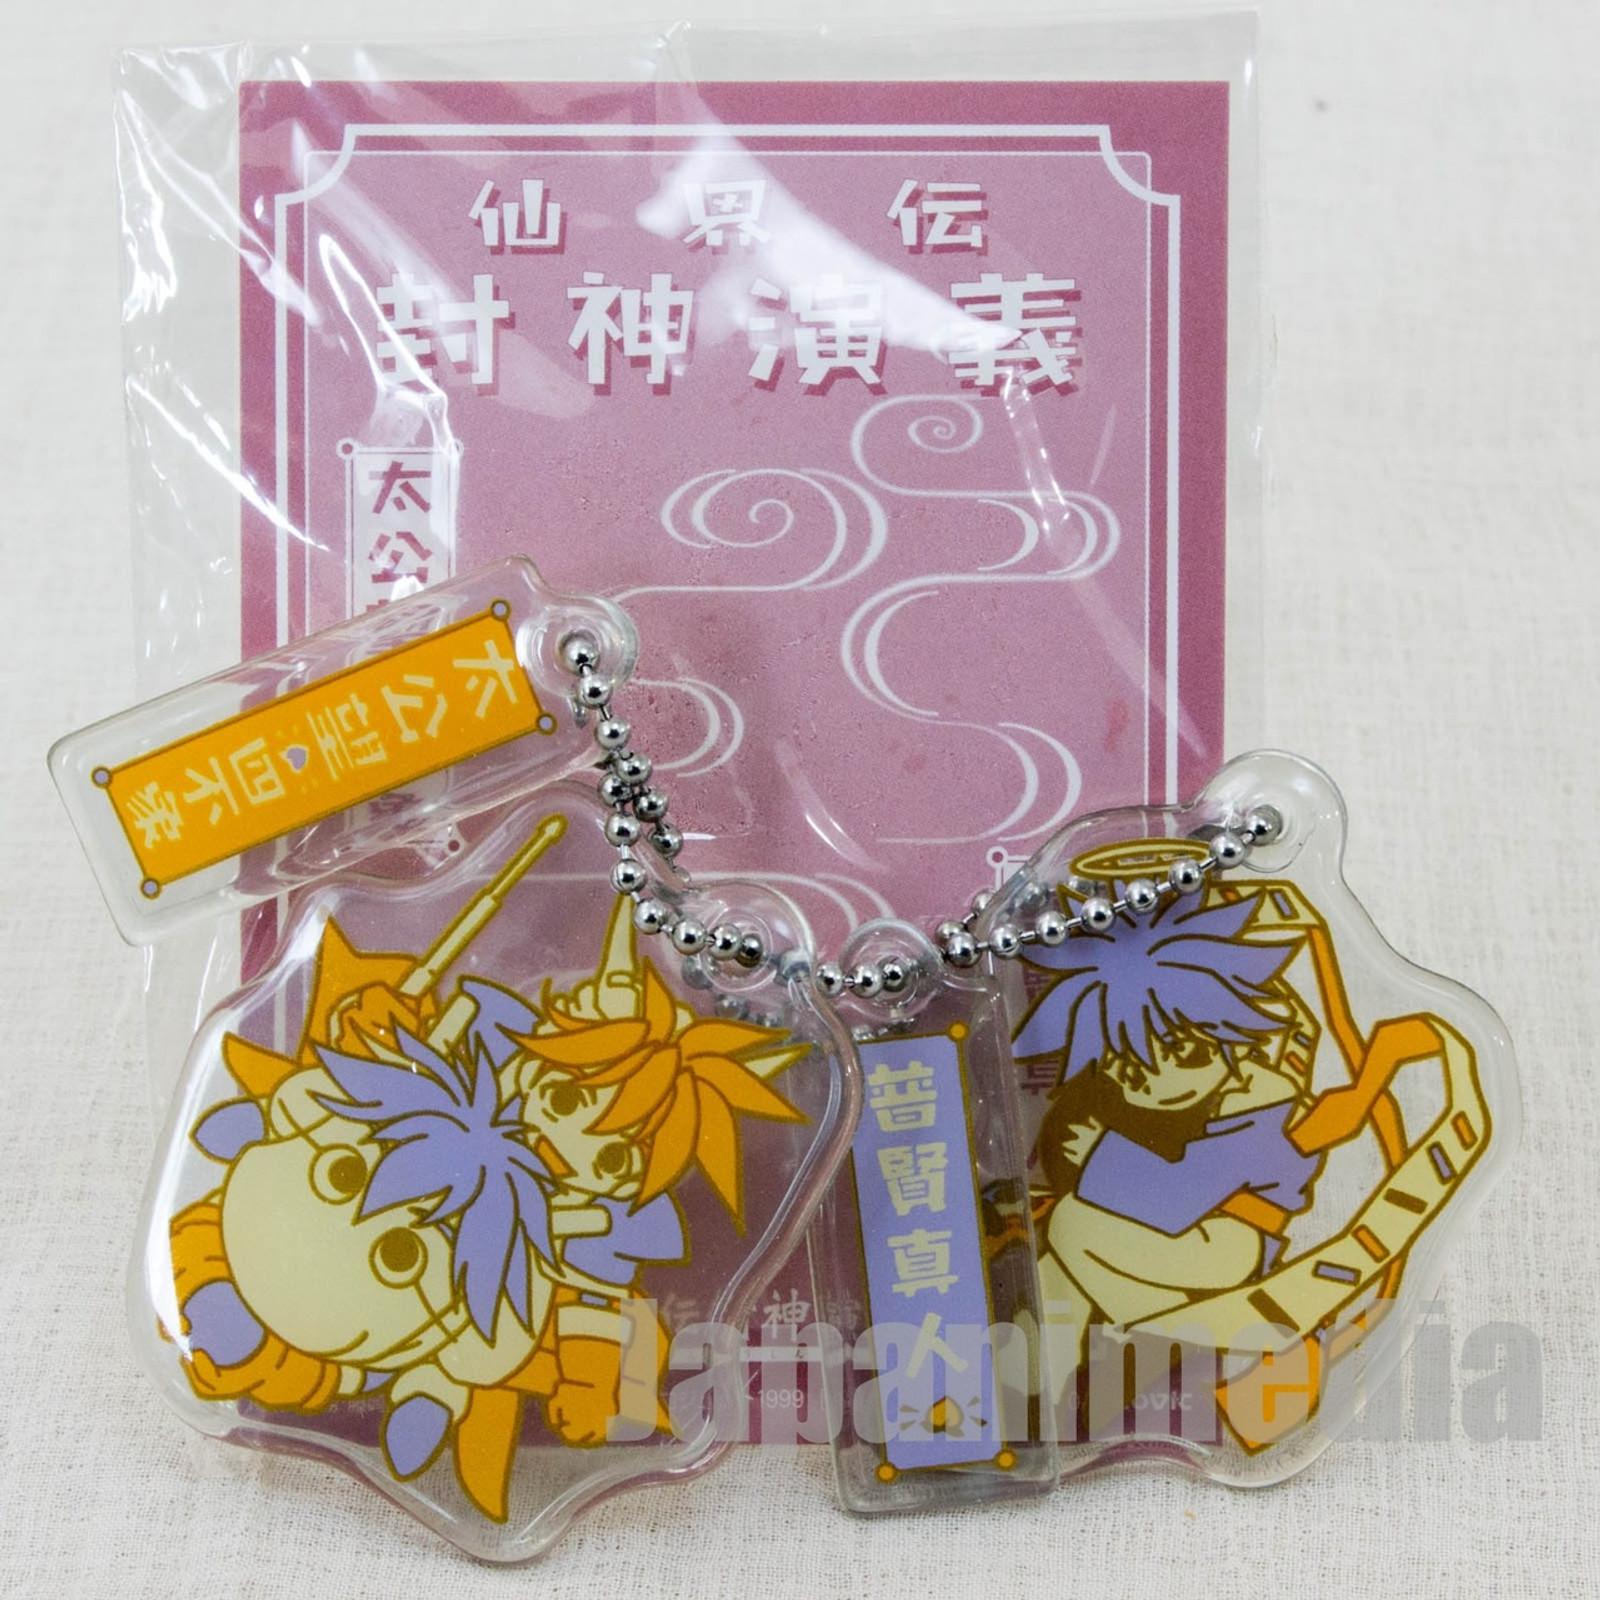 Senkaiden Hoshin Engi Fugen Shinjin Taikobo Sibuxiang Rubber Mascot Ballchain